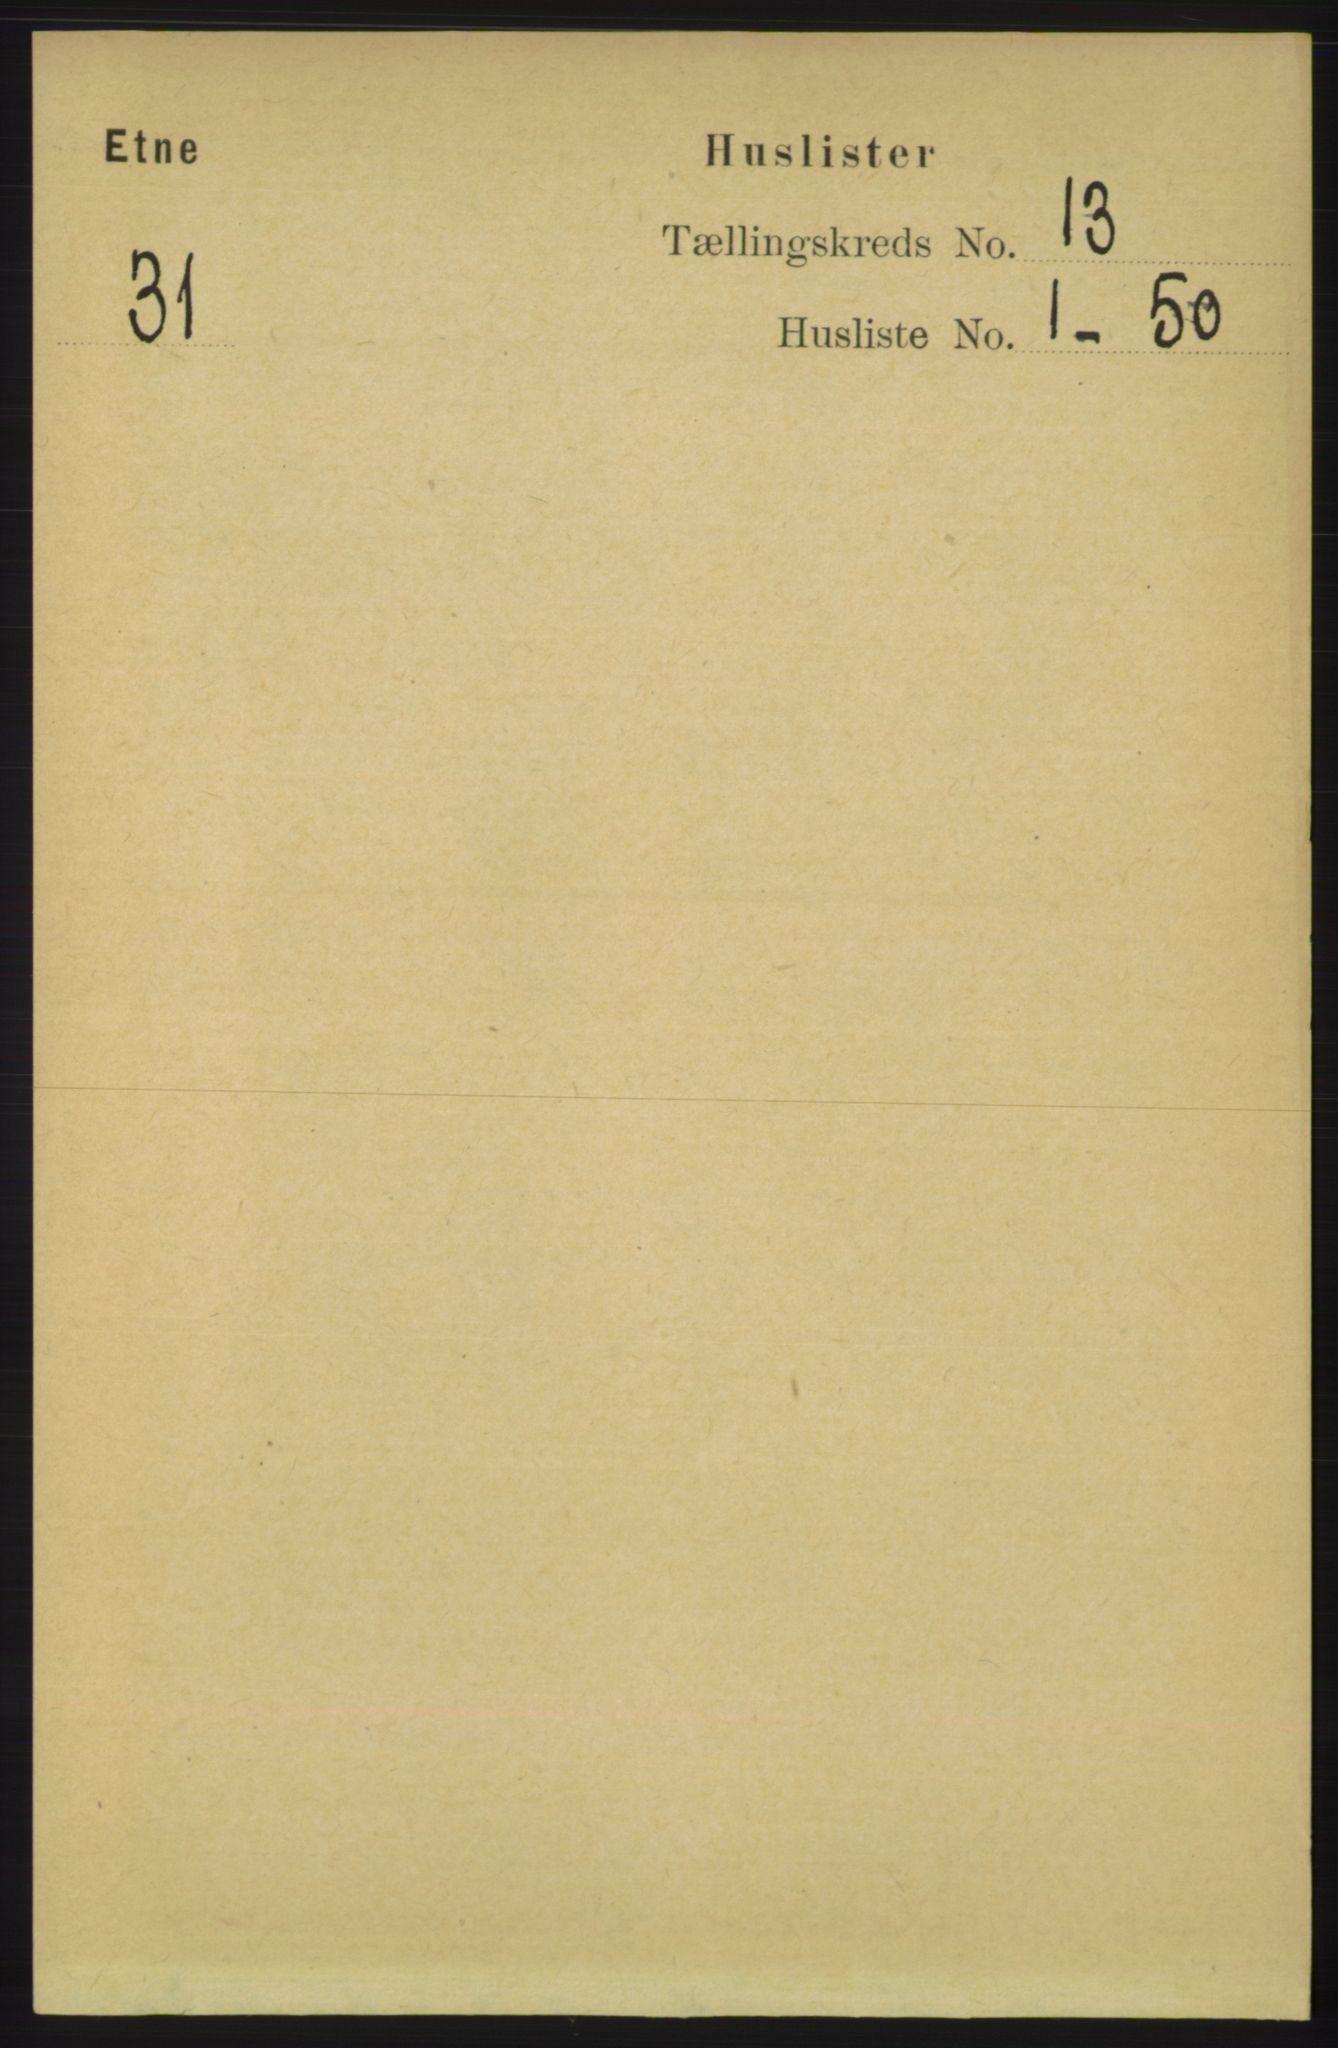 RA, Folketelling 1891 for 1211 Etne herred, 1891, s. 2686